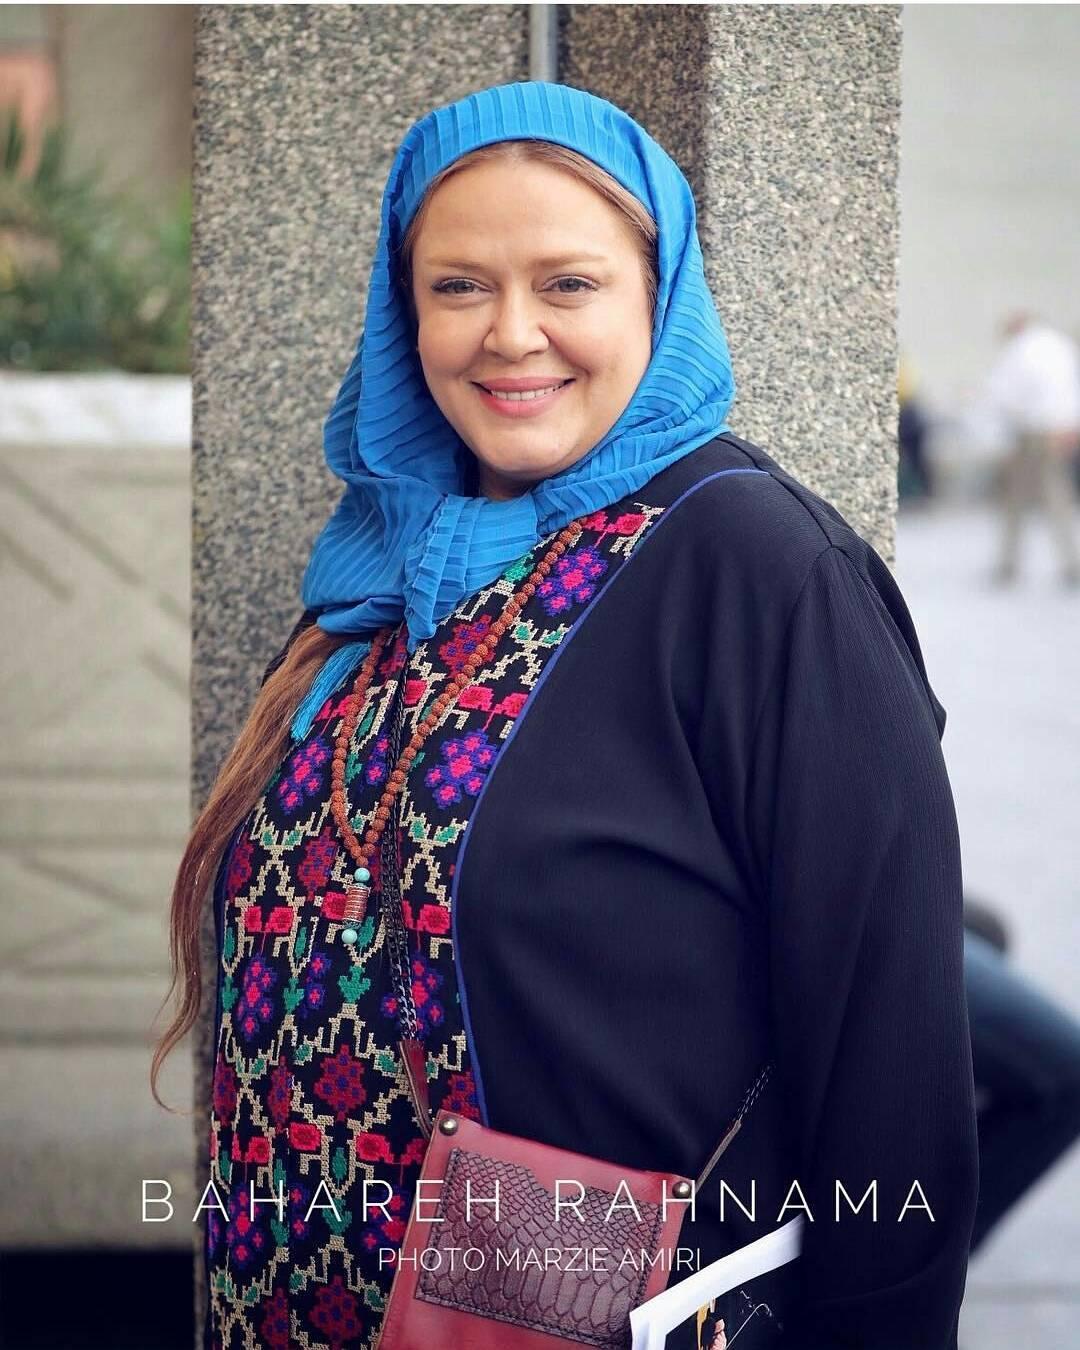 جشن شب بازیگر خانه تئاتر با حضور هنرمندان مشهور +تصاویر